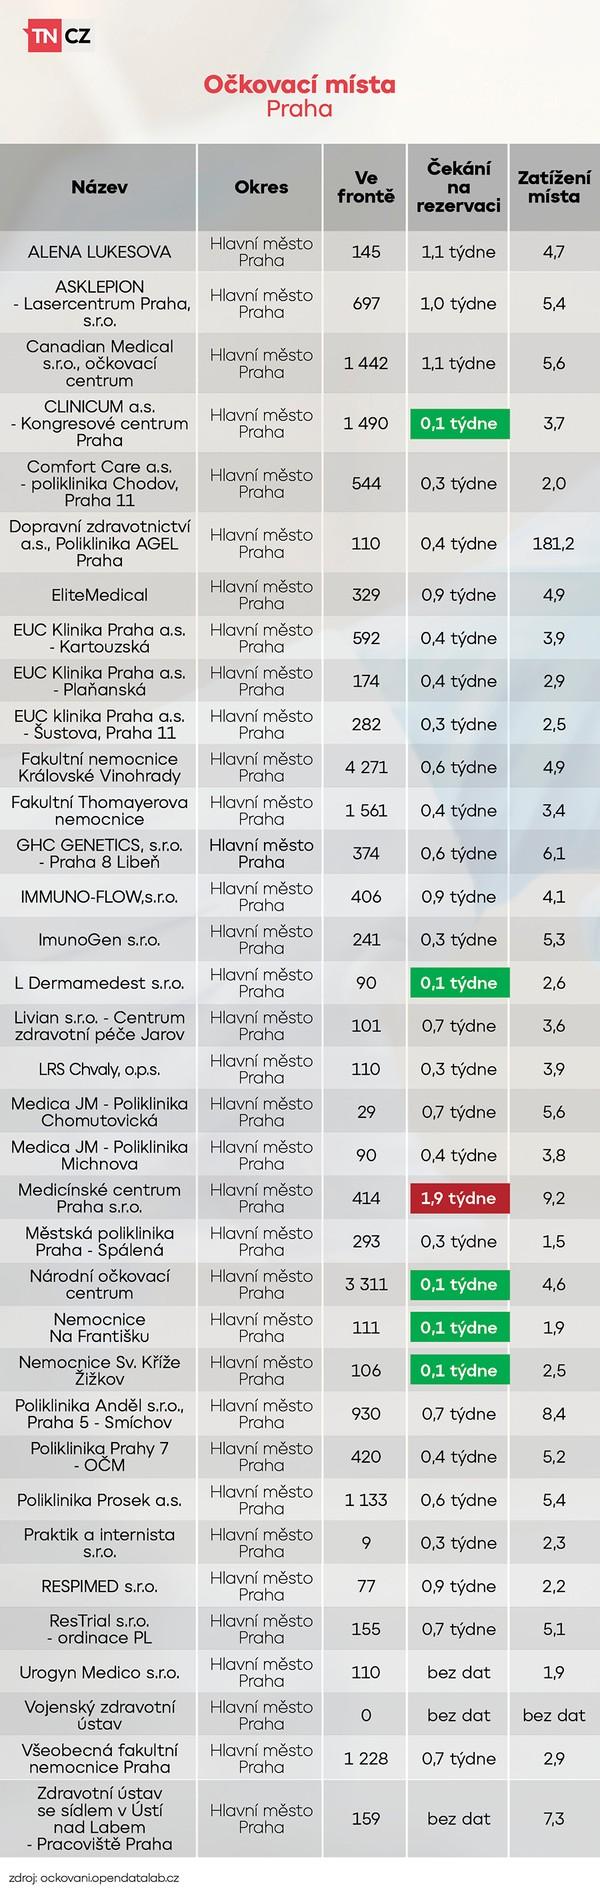 Vytížení očkovacích míst - Praha